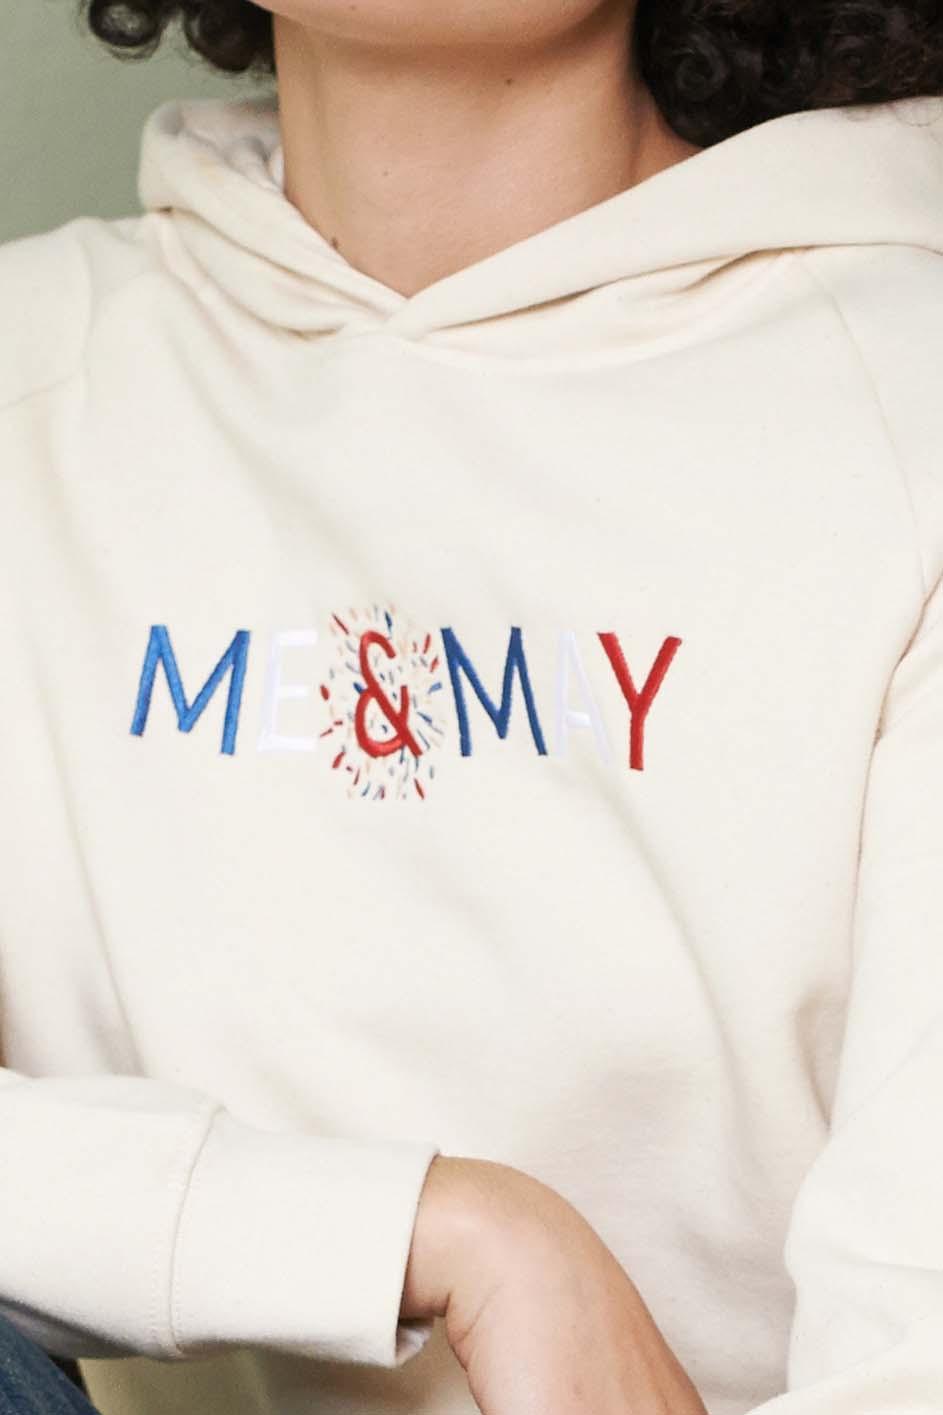 memay_087